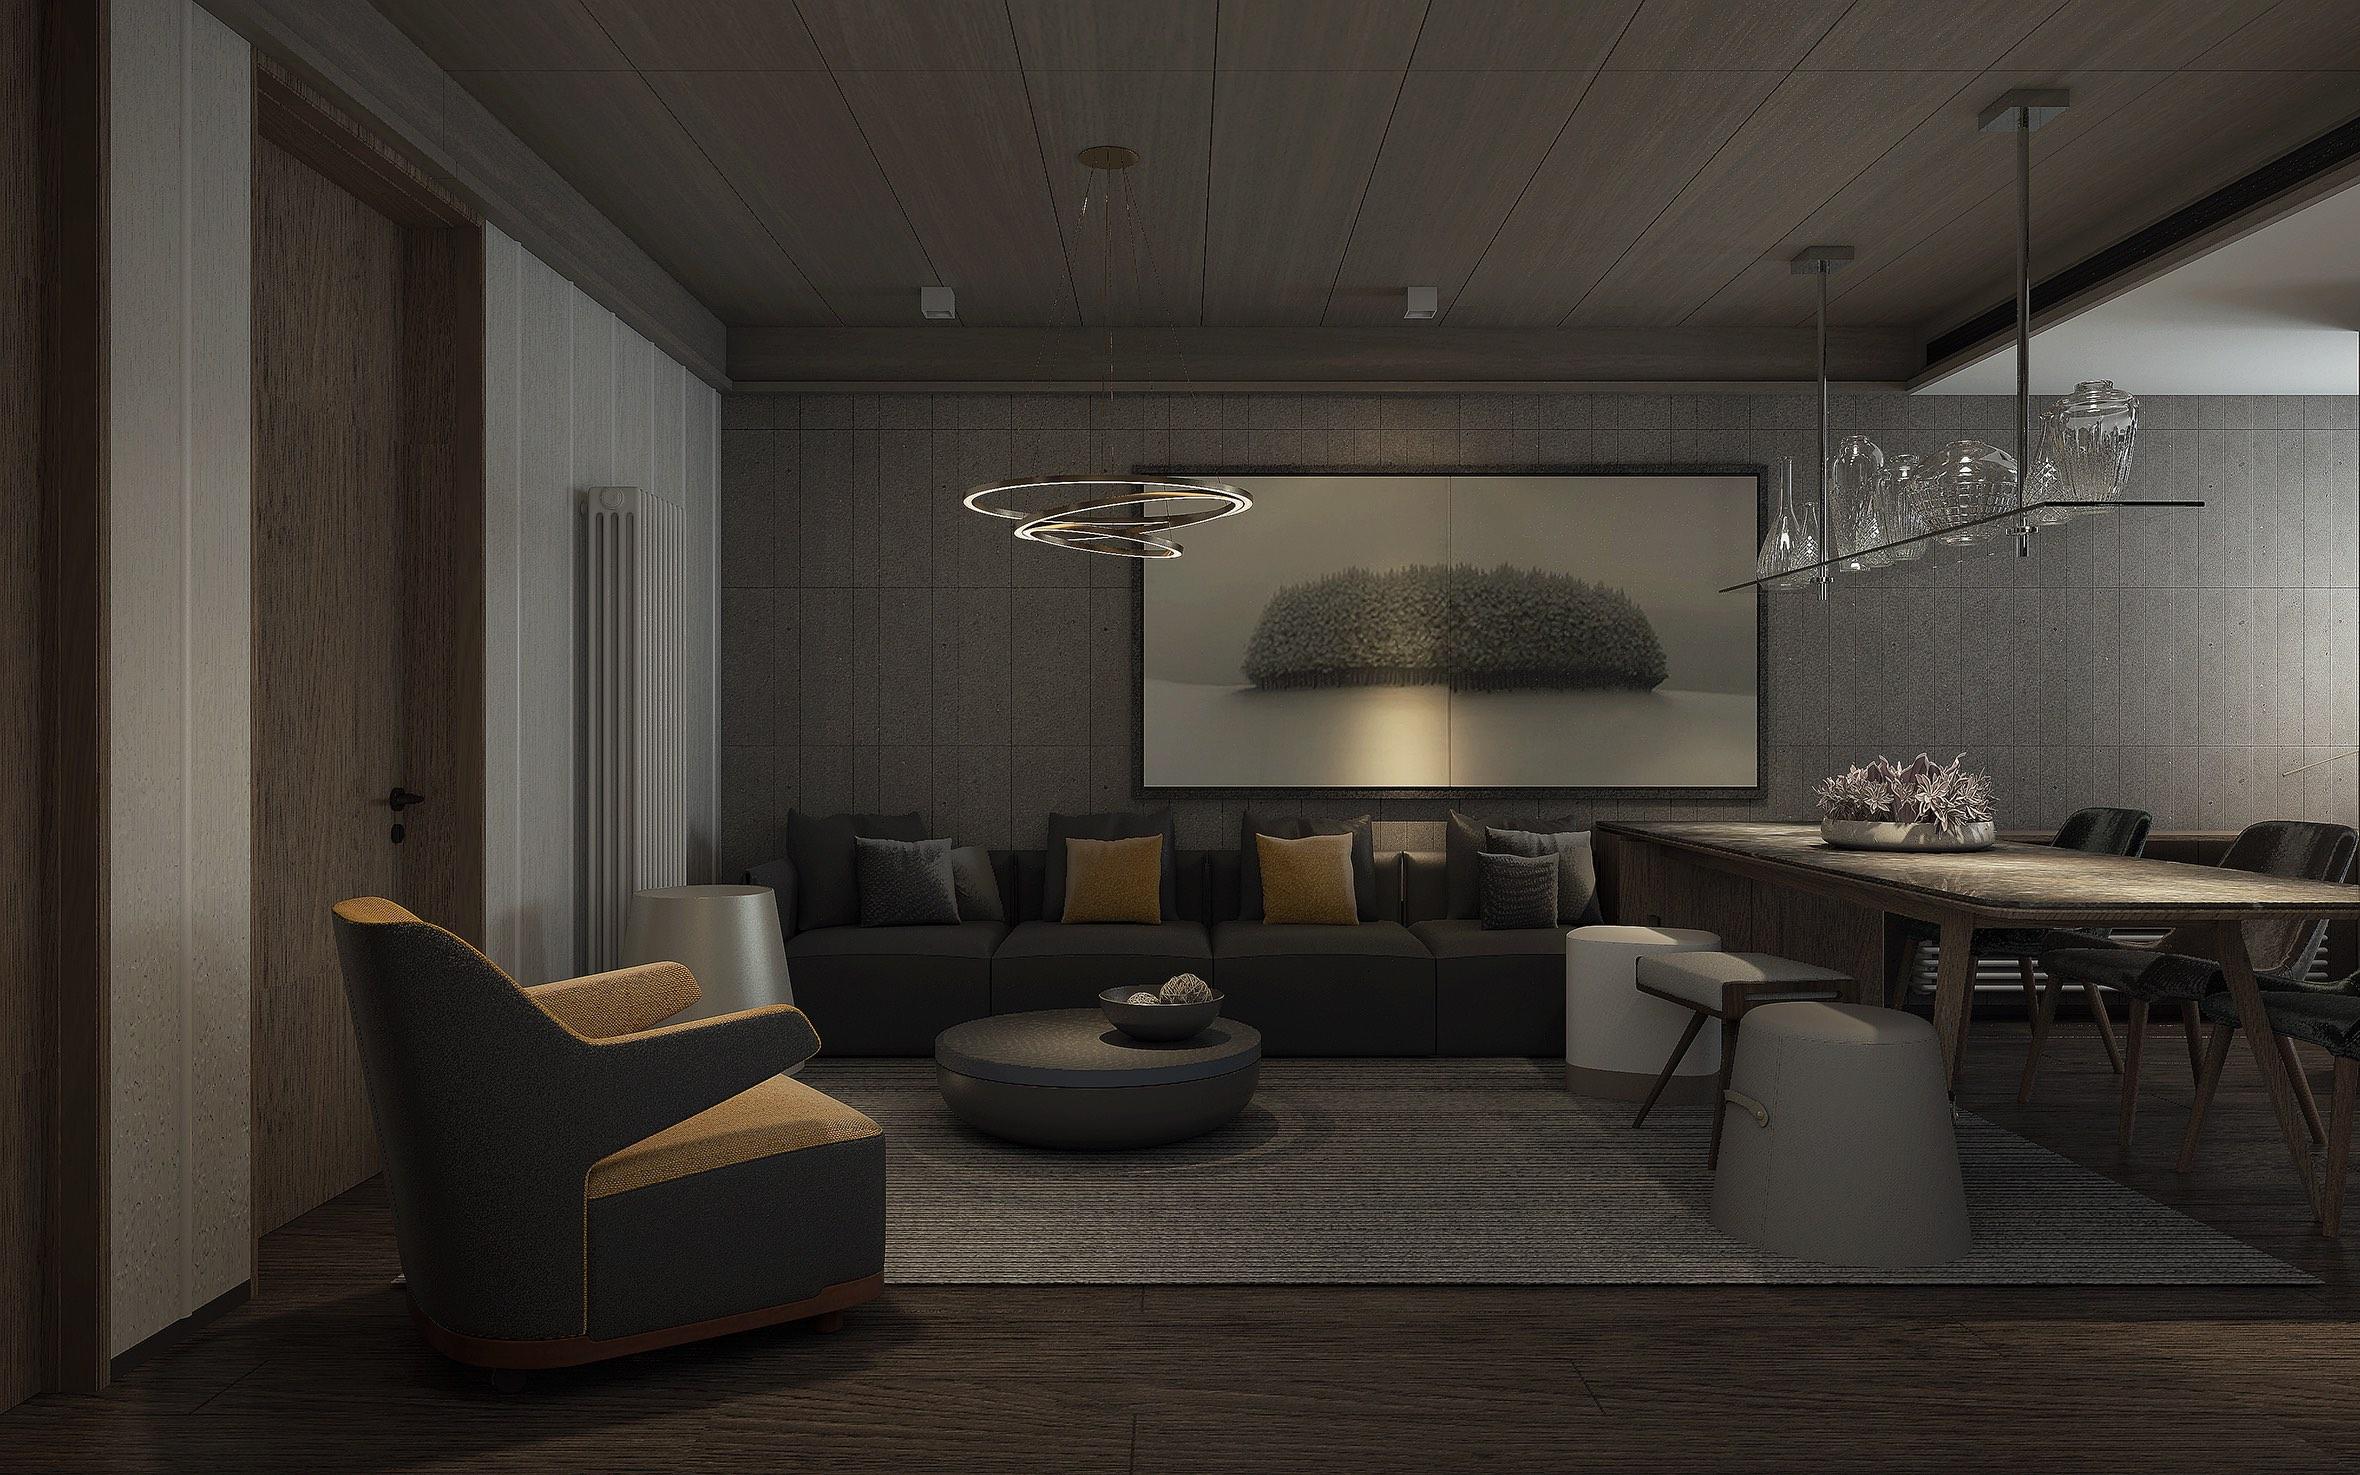 公寓酒店设计-曙光公寓设计-杭州达岸品牌策划设计公司